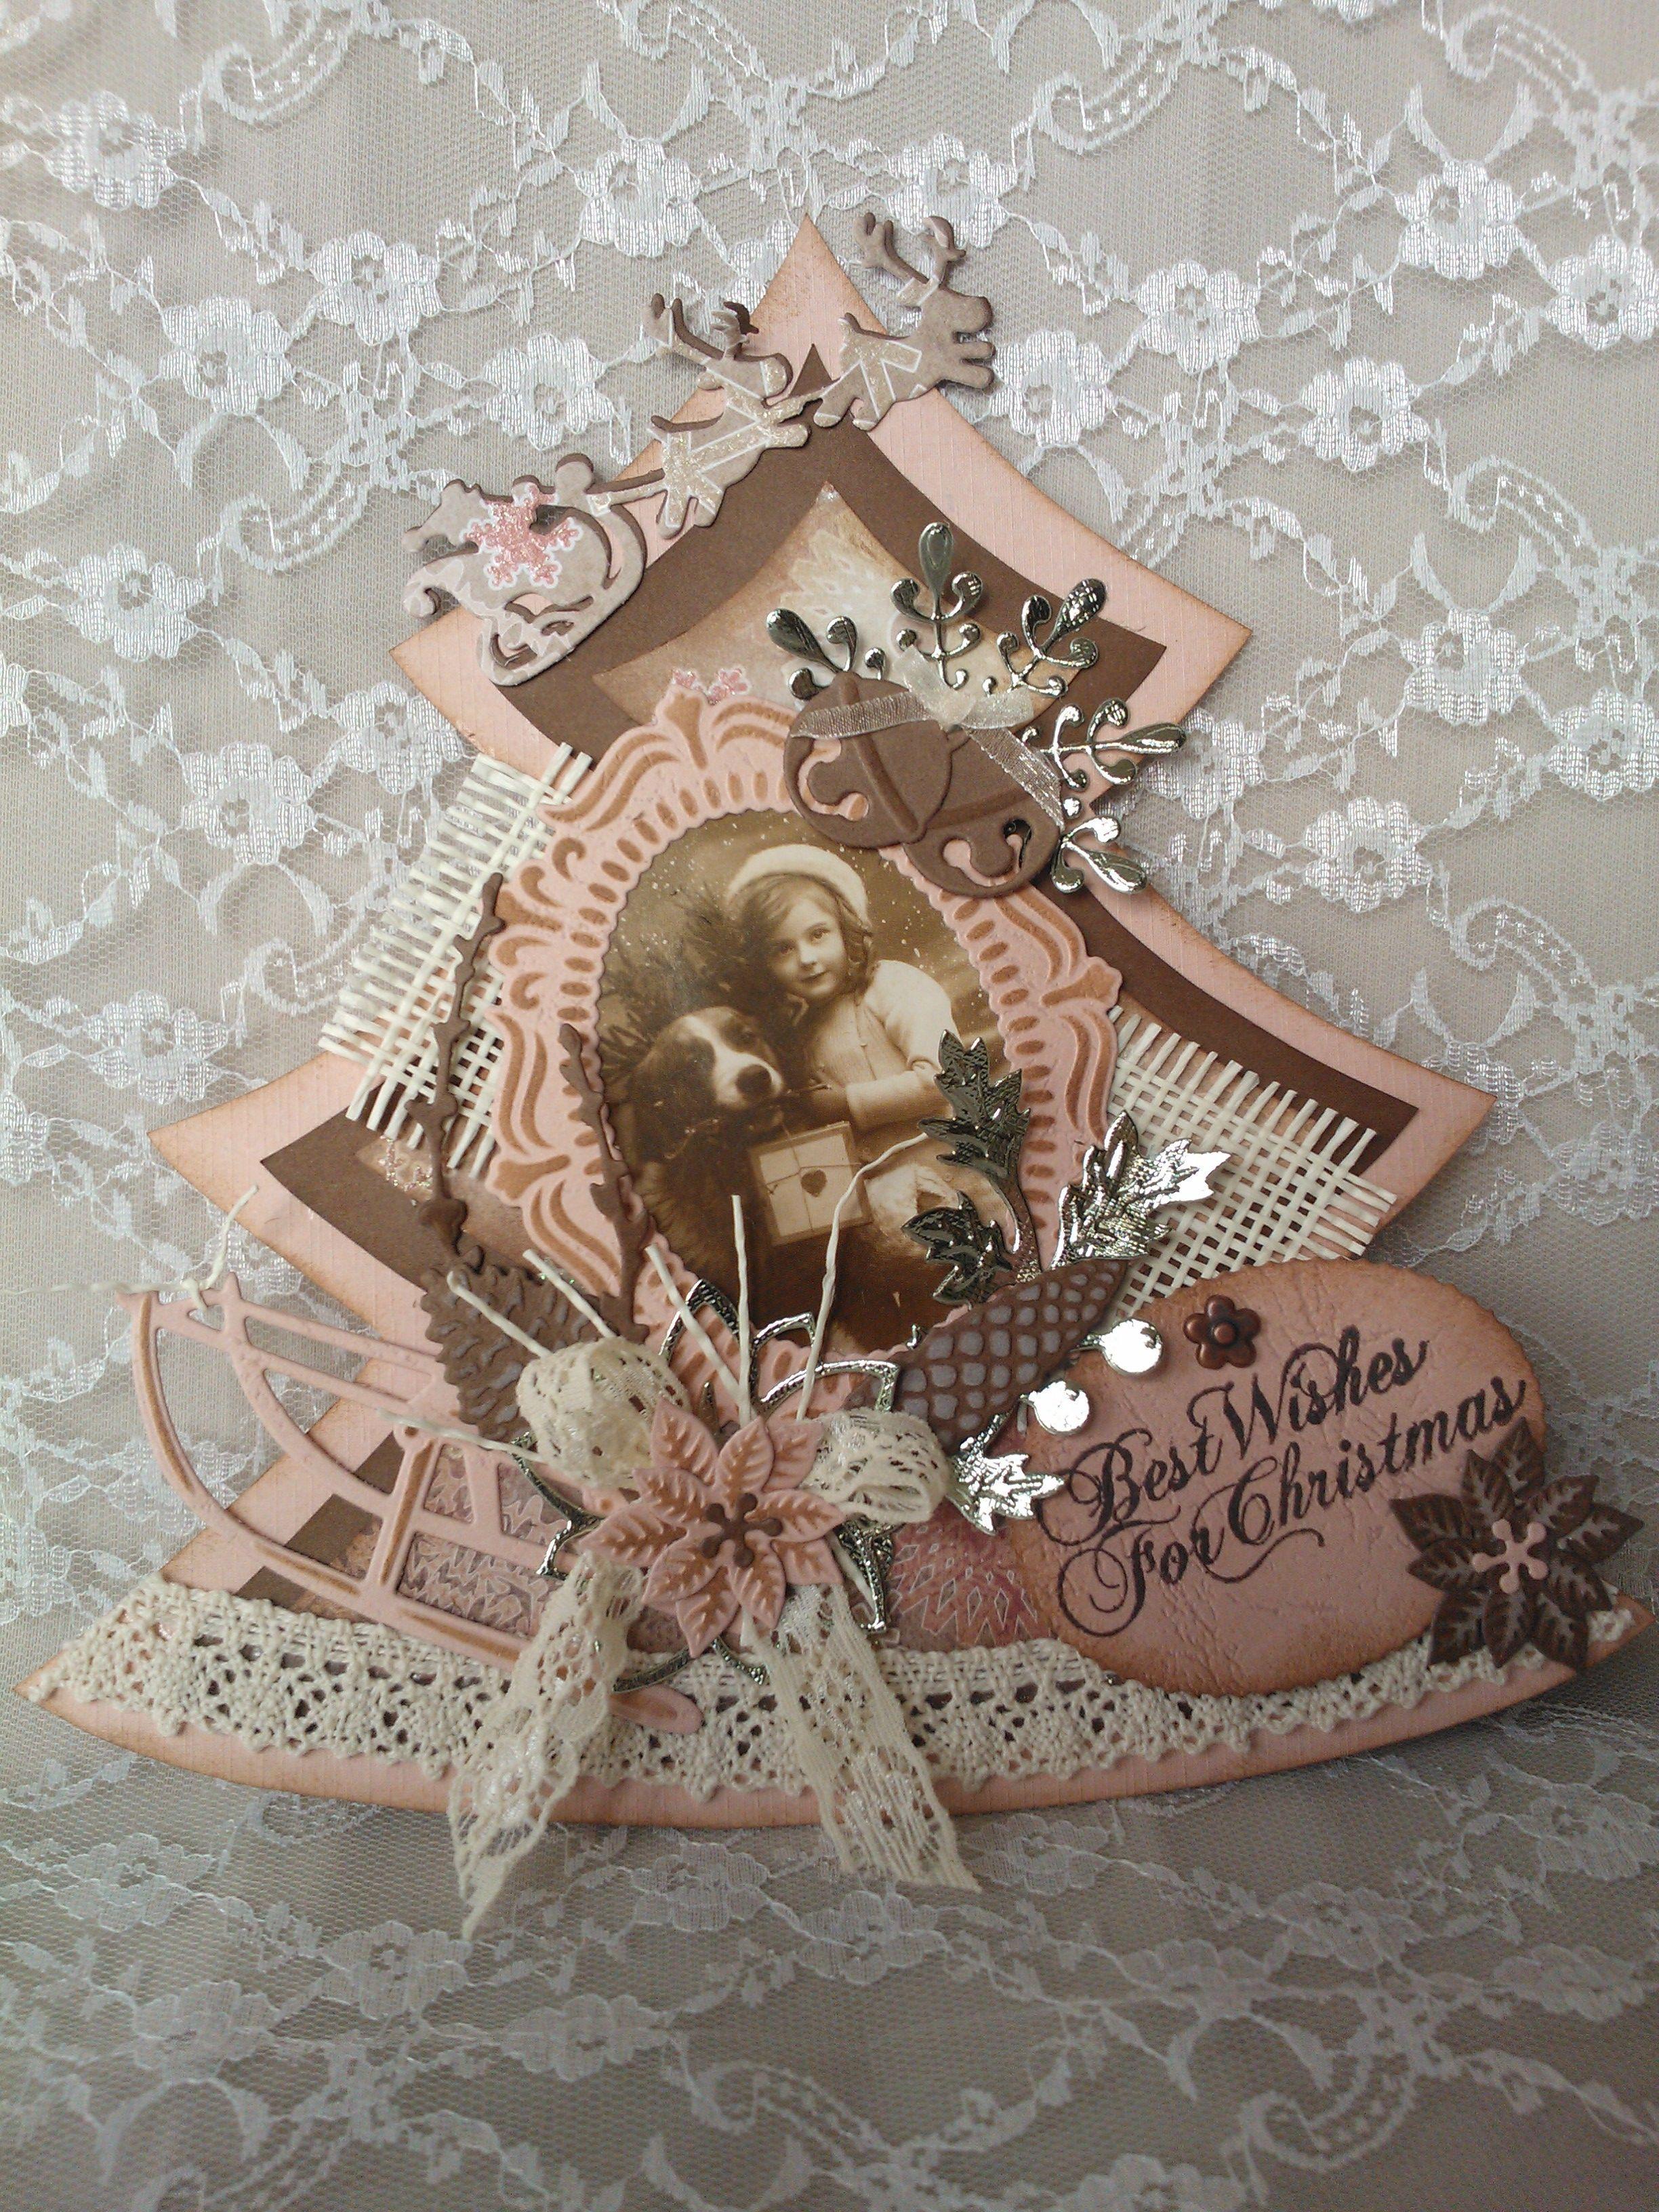 Best wishes met kerstboom van Dutch Doobadoo!